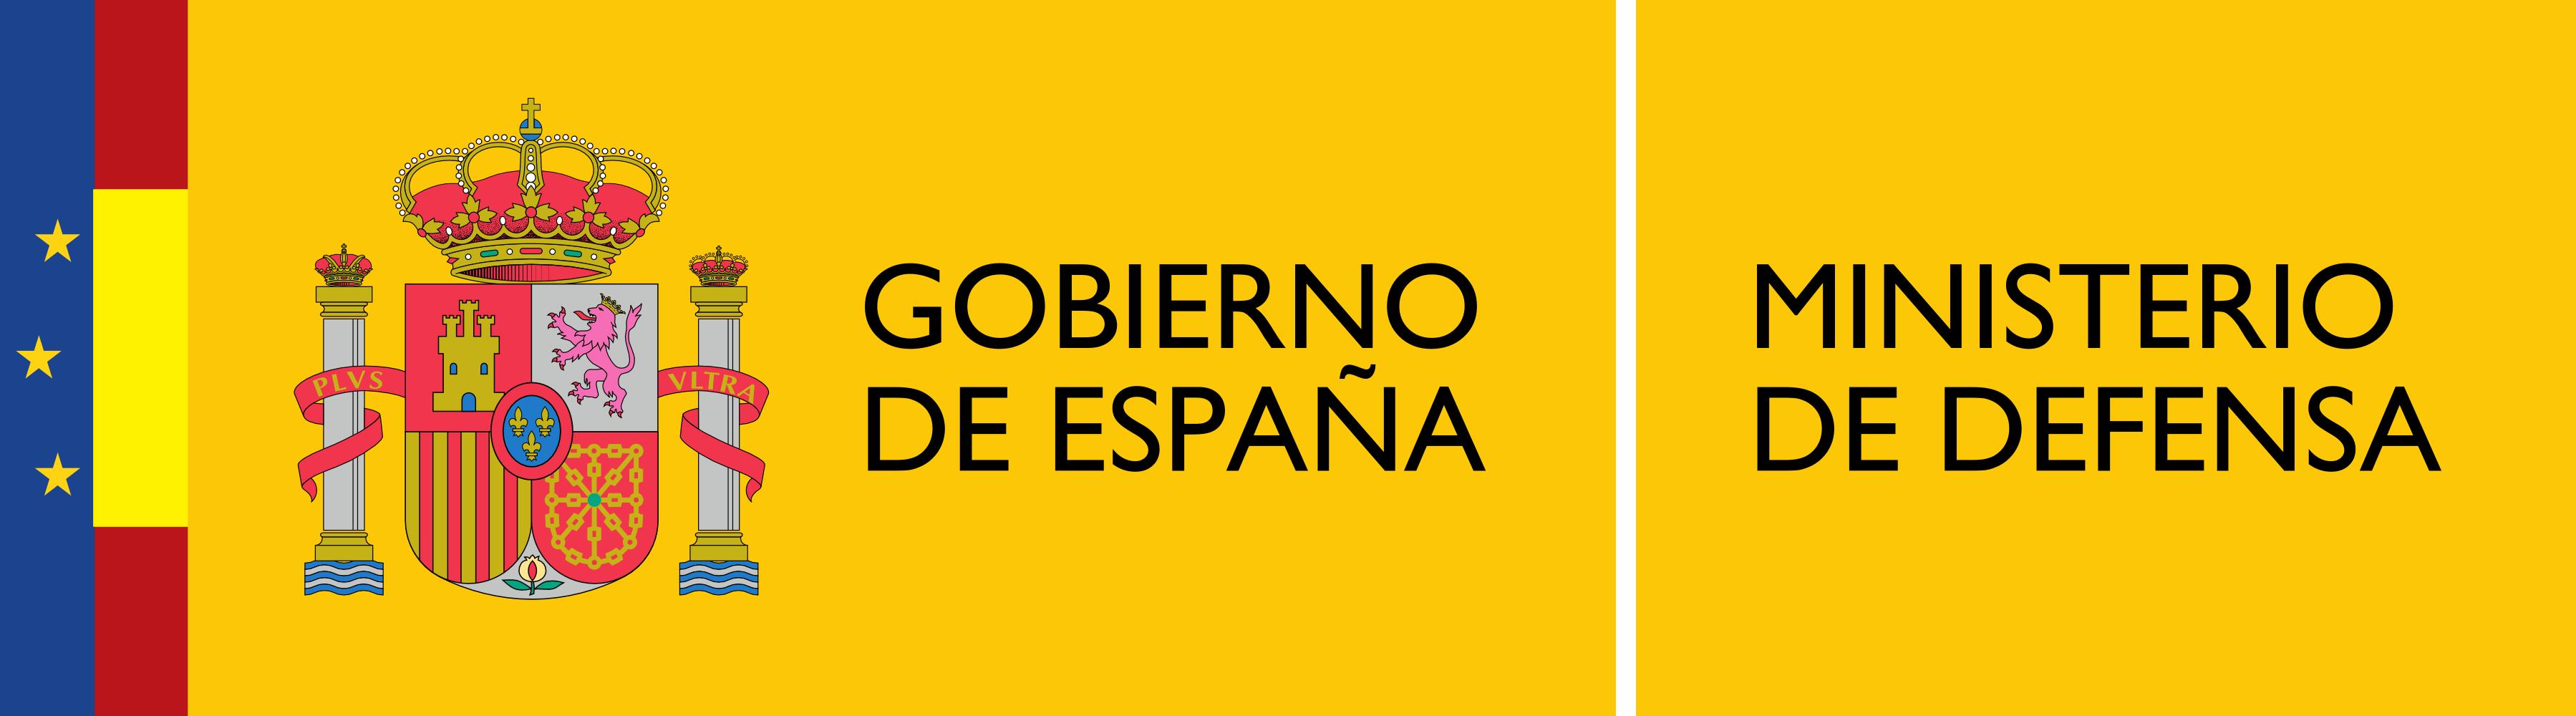 file logotipo del ministerio de wikimedia